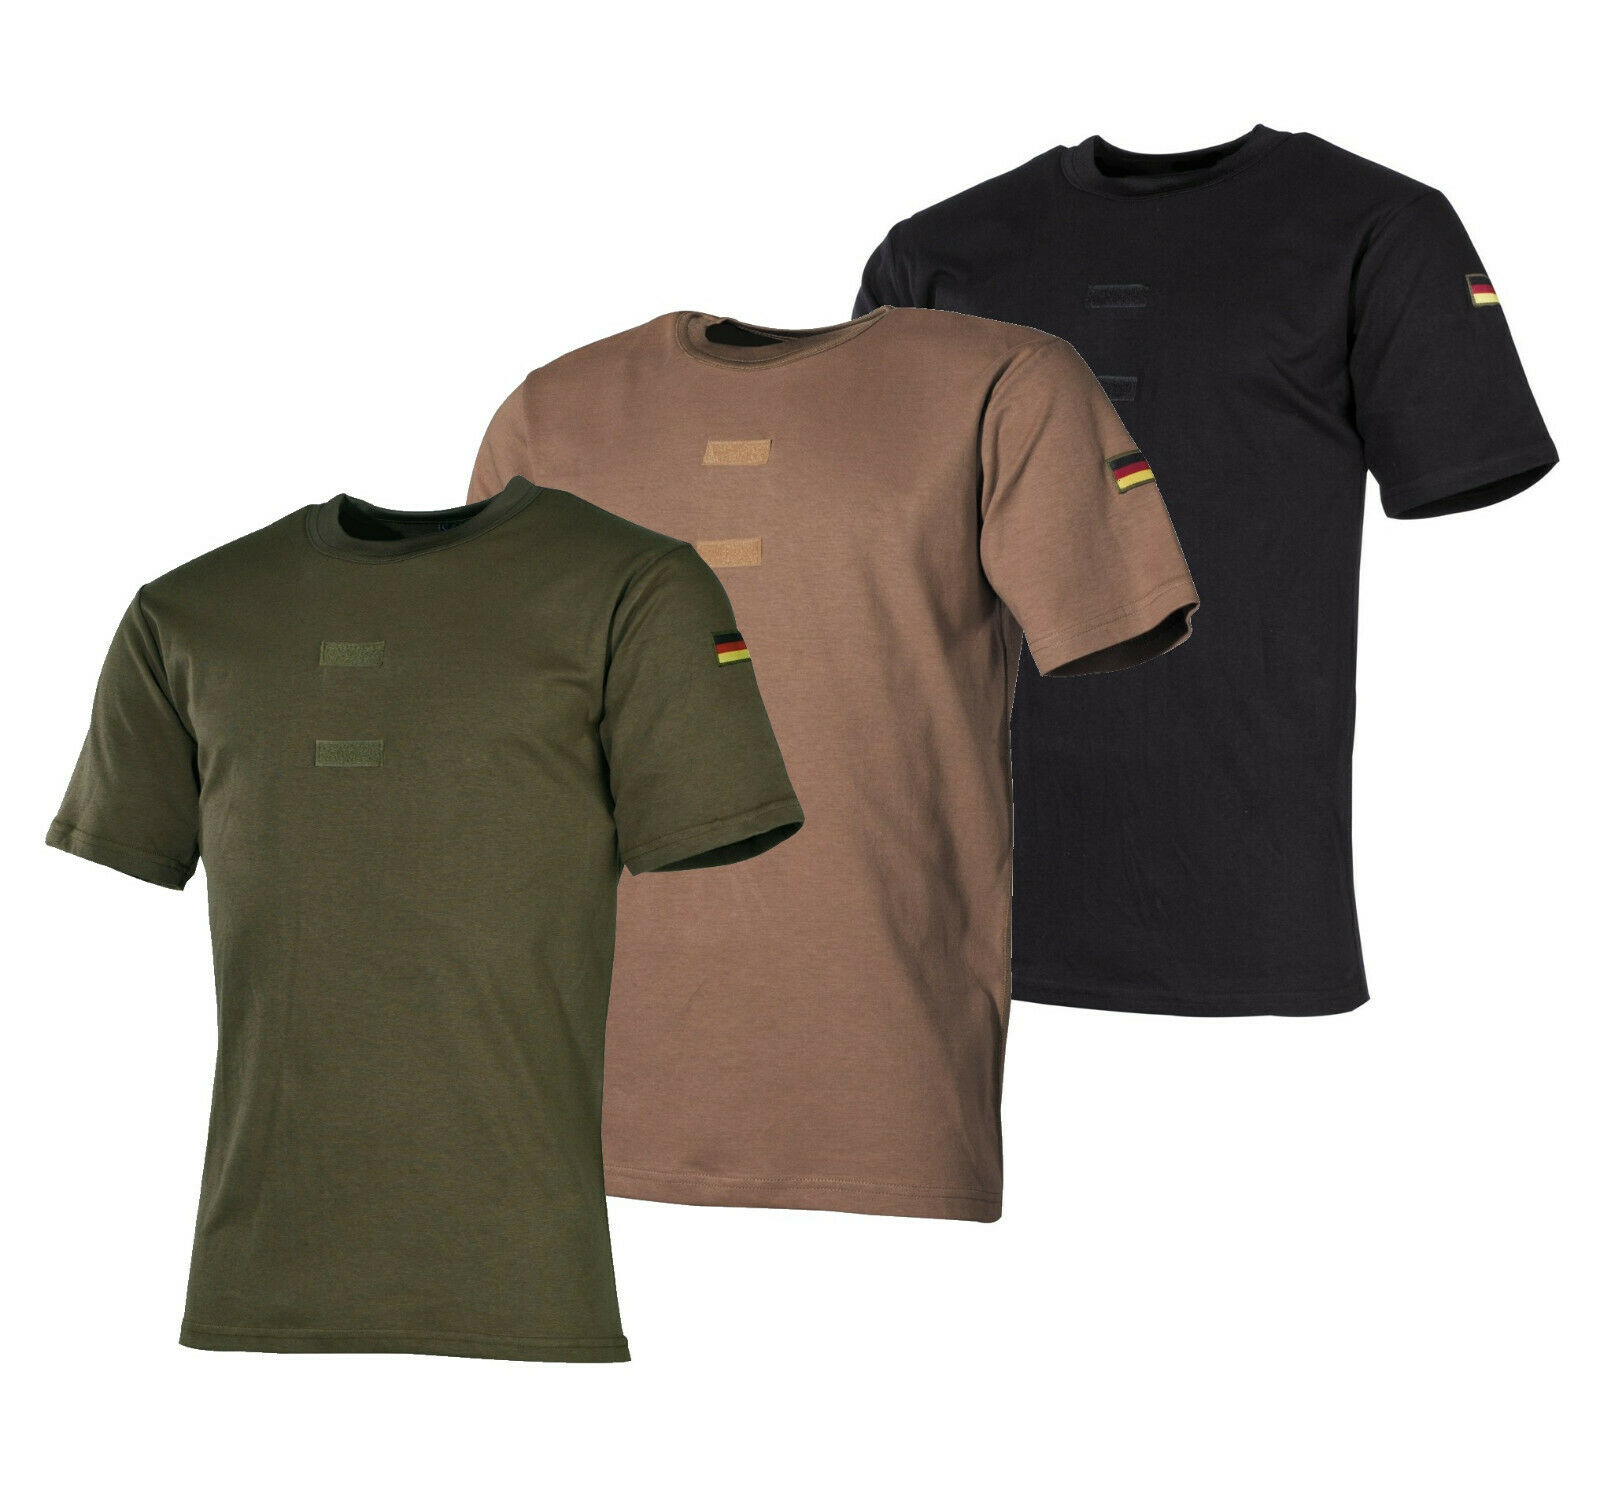 Shirts & Hemden 3er Pack Original Bundeswehr T-shirts Tropen Bw T-shirt Khaki Unterhemd Hemden & T-shirts 2er